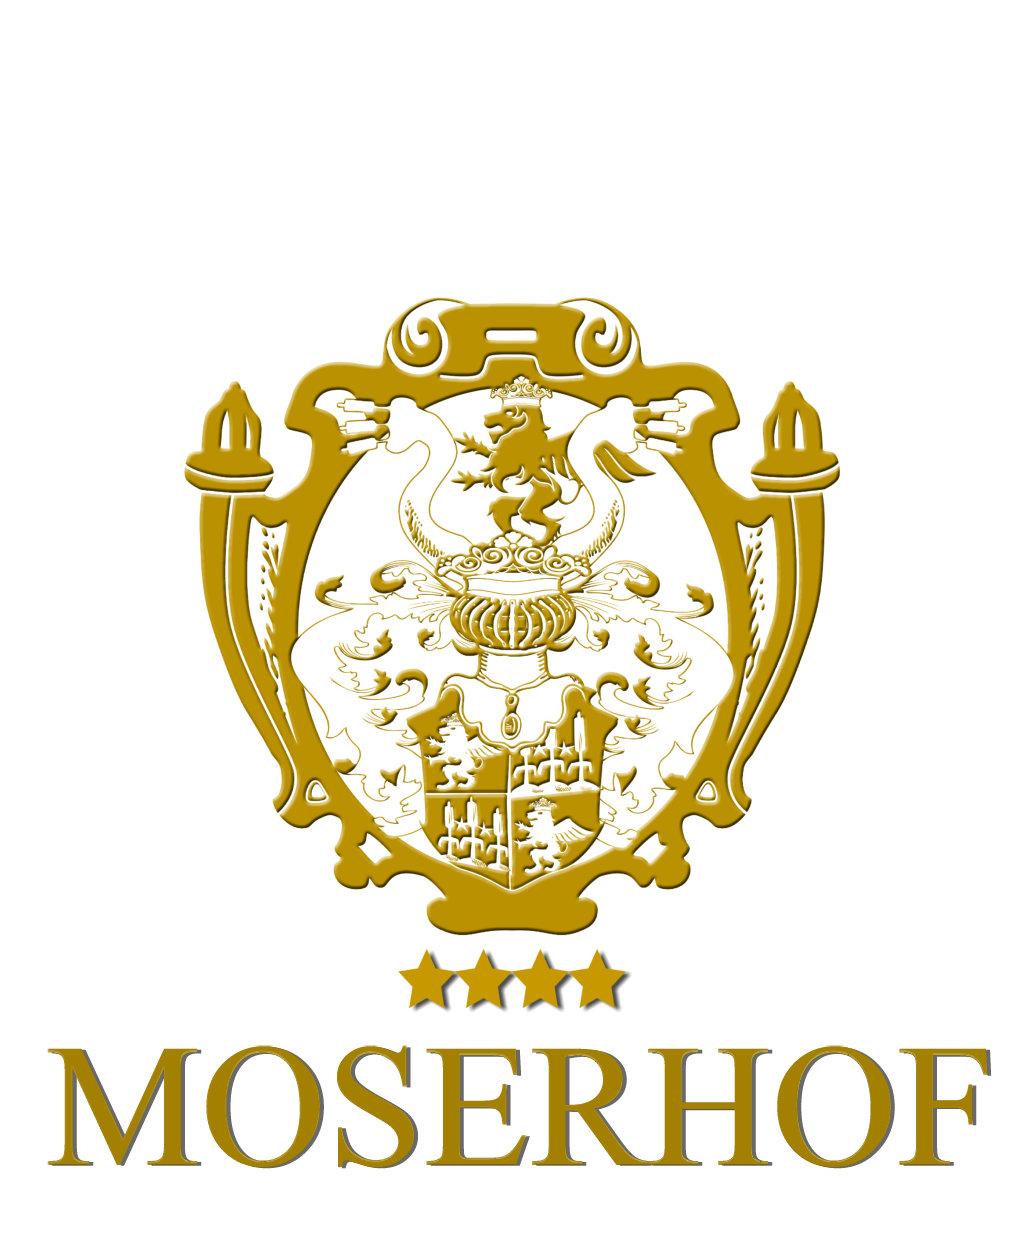 Logo-Fahne-hochauflösend-nur Moserhof-1024x1024